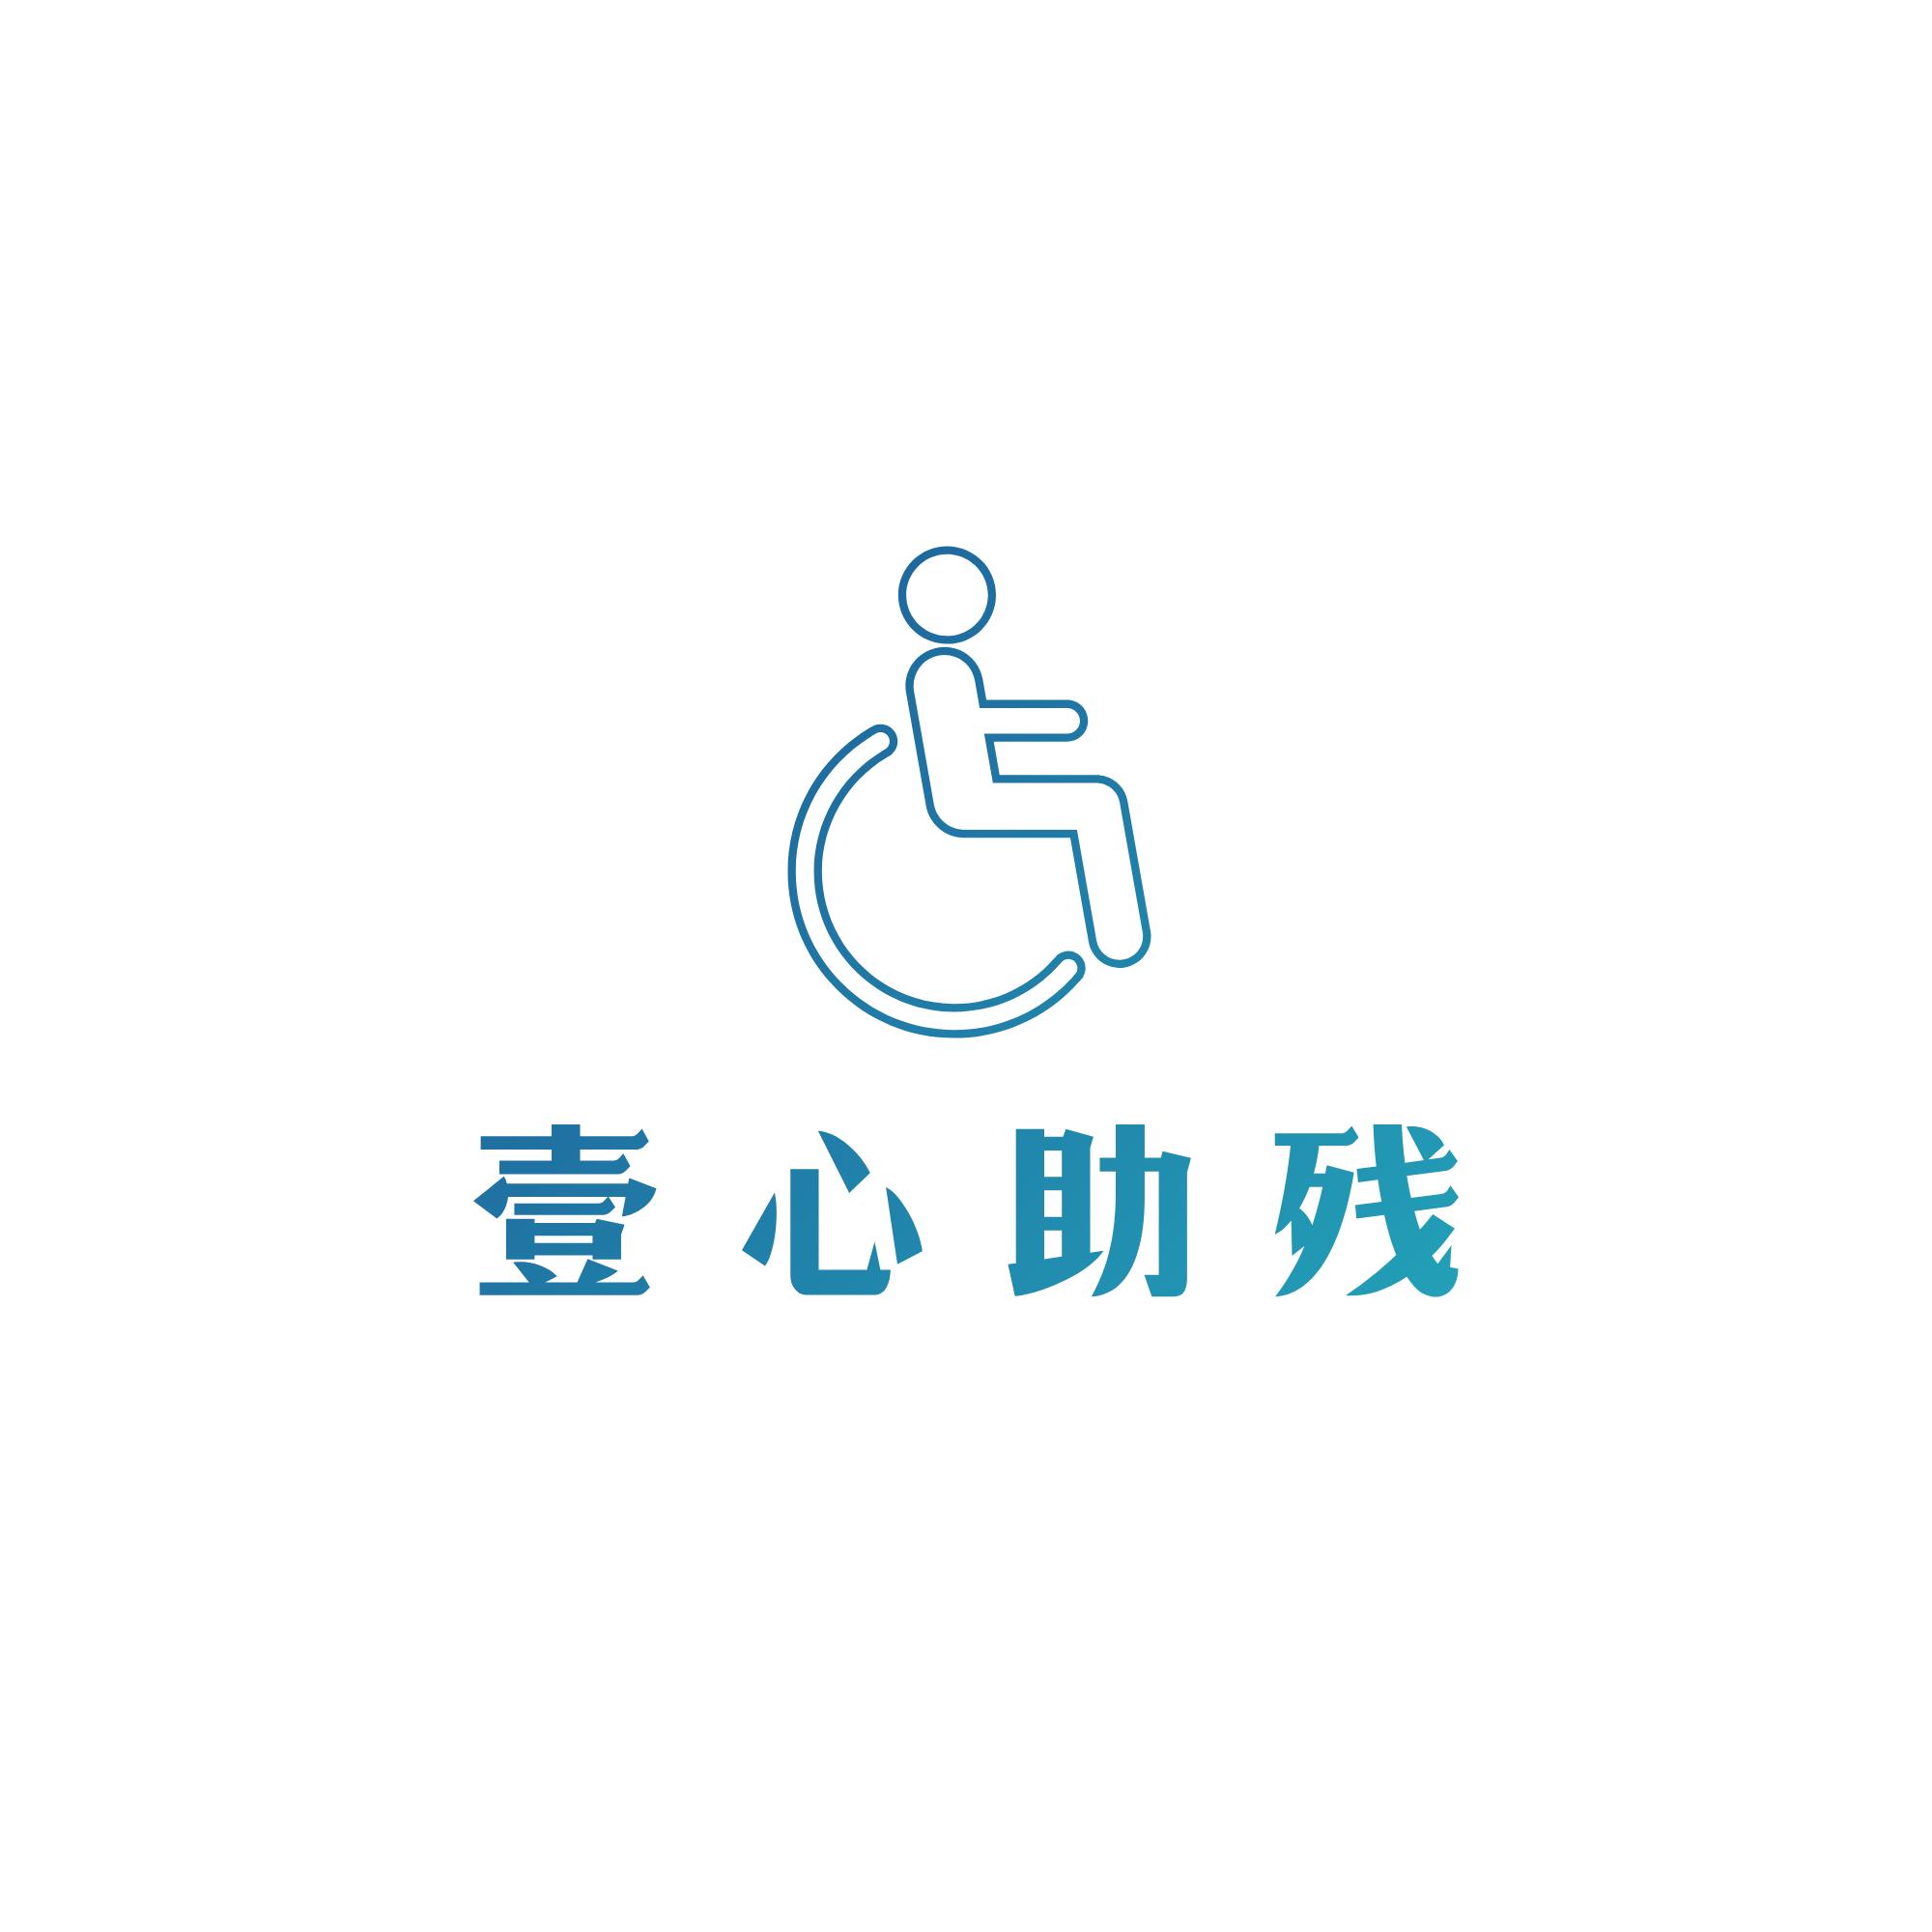 广州壹心助残科技服务有限公司